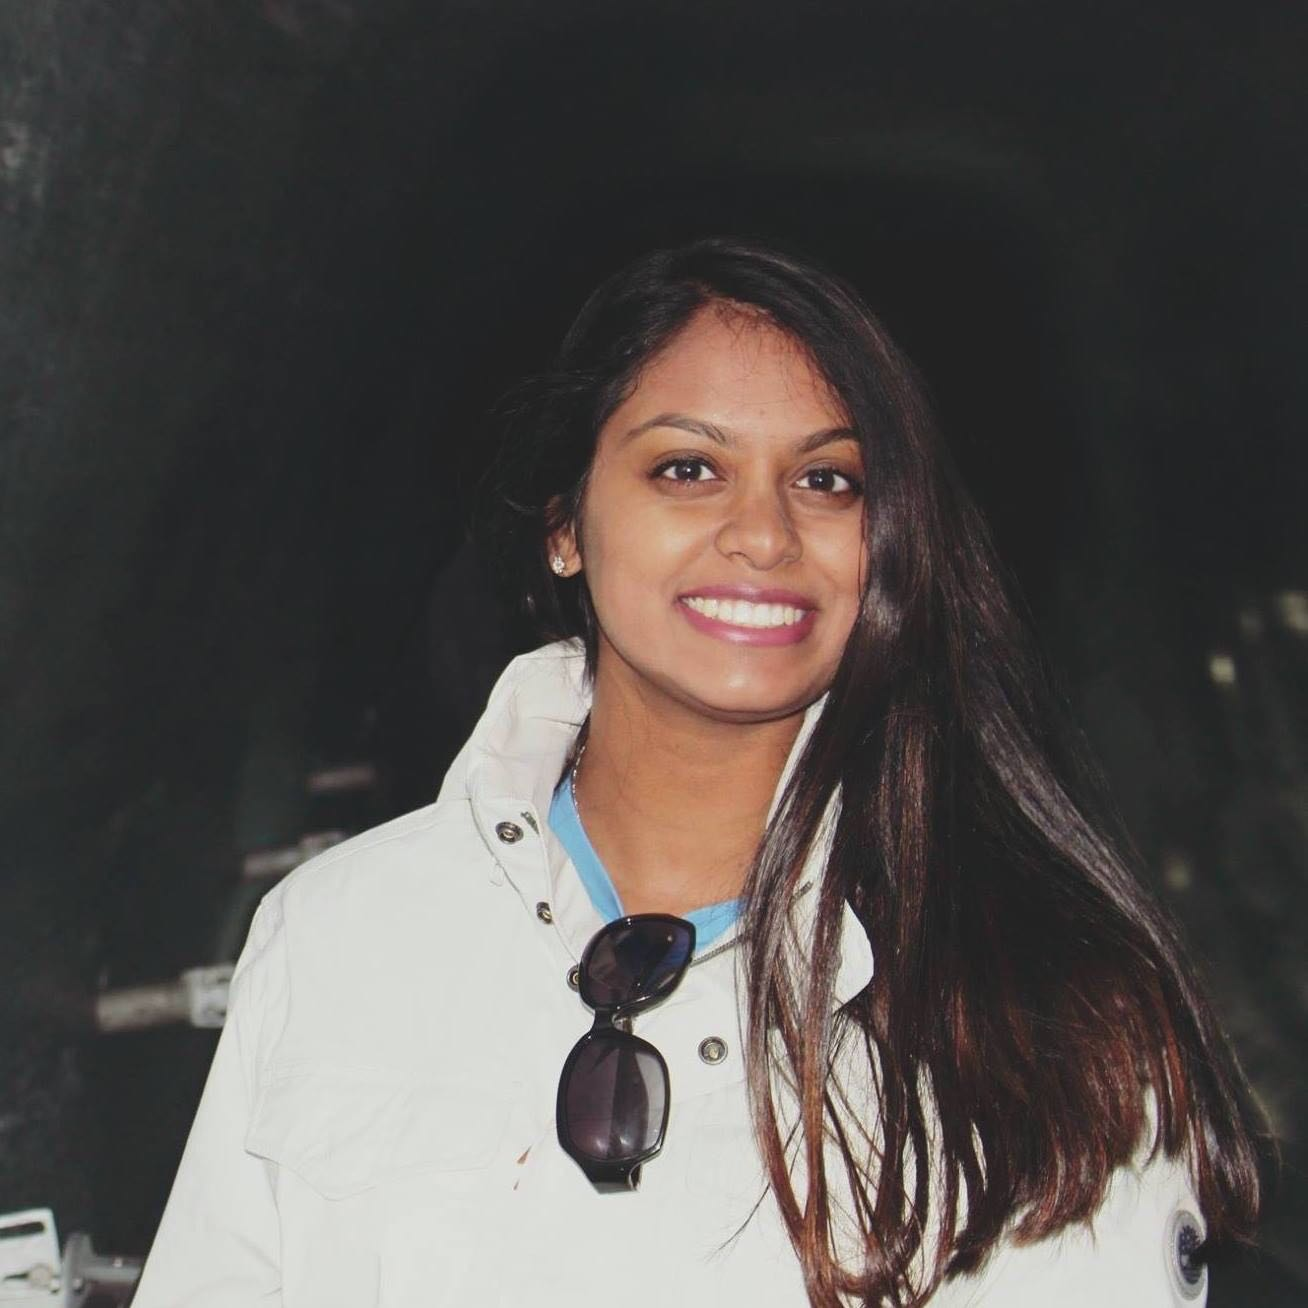 Chitra Parikh